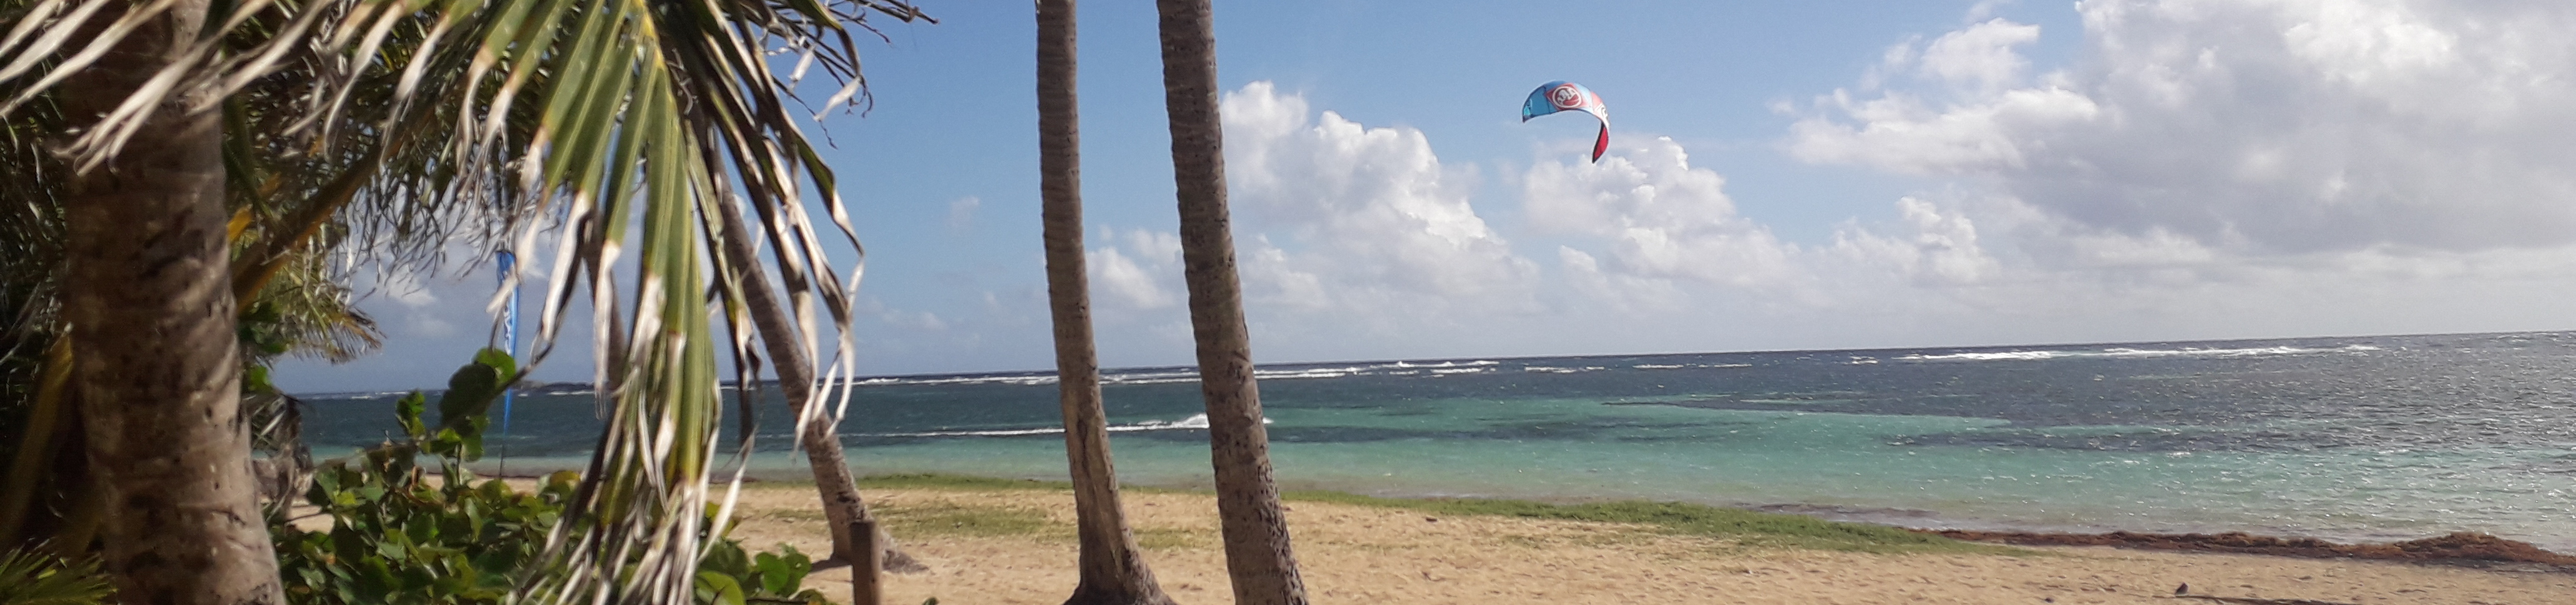 Water sport activities Martinique